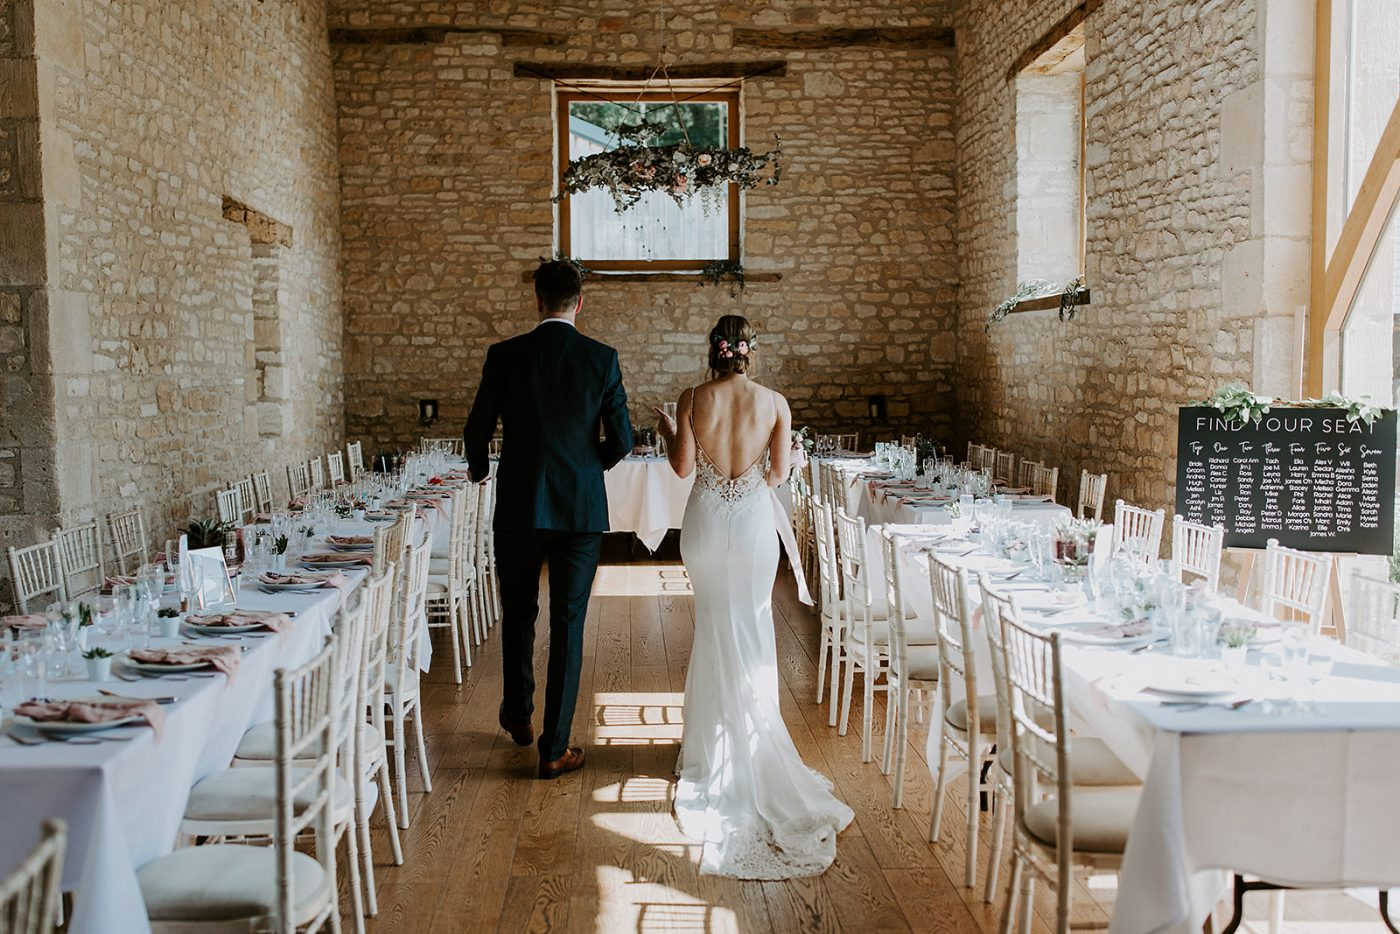 The Barn at Upcote Wedding Venue